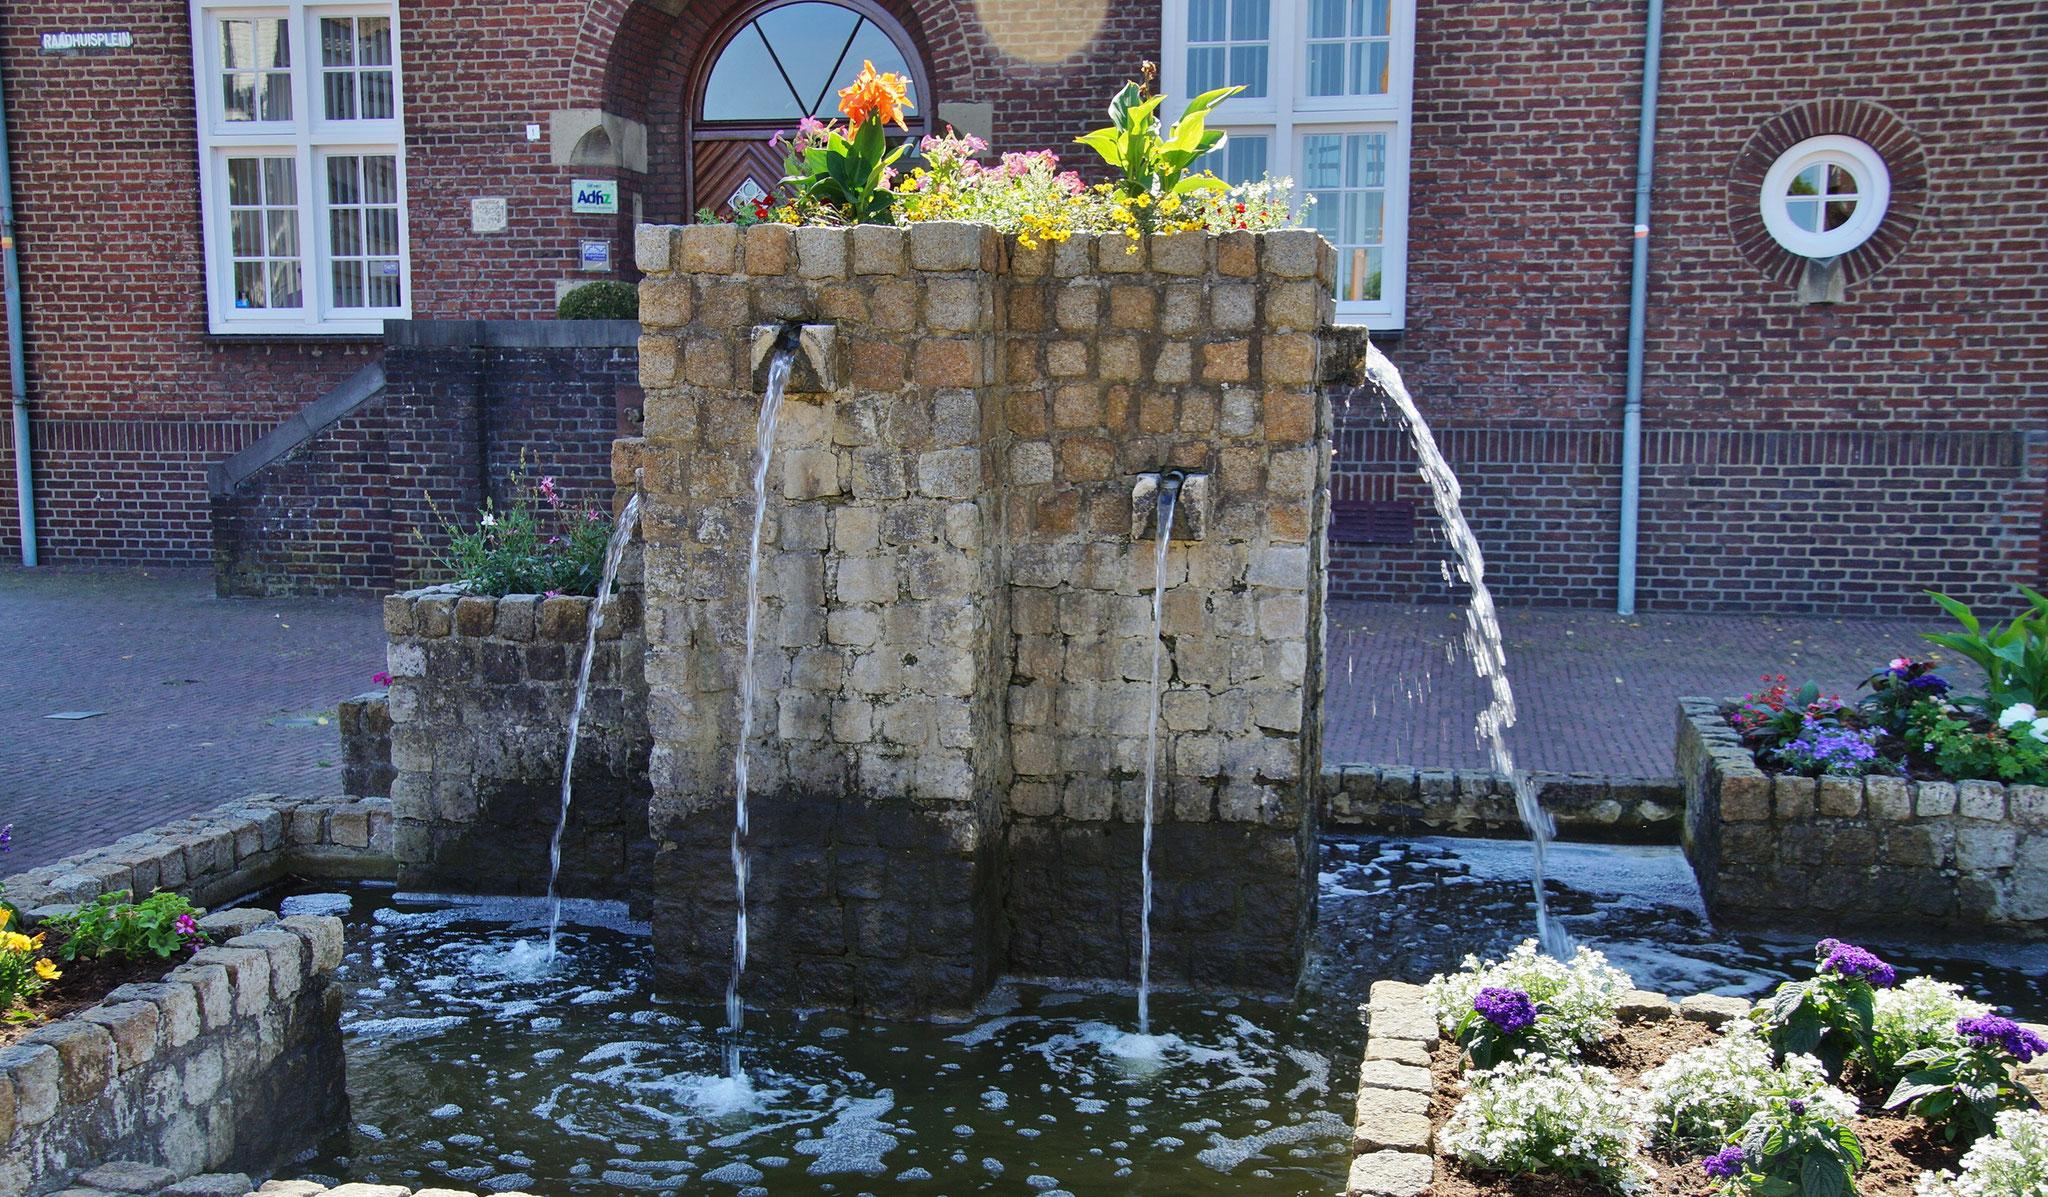 Ein Brunnen mit Blumen geschmückt